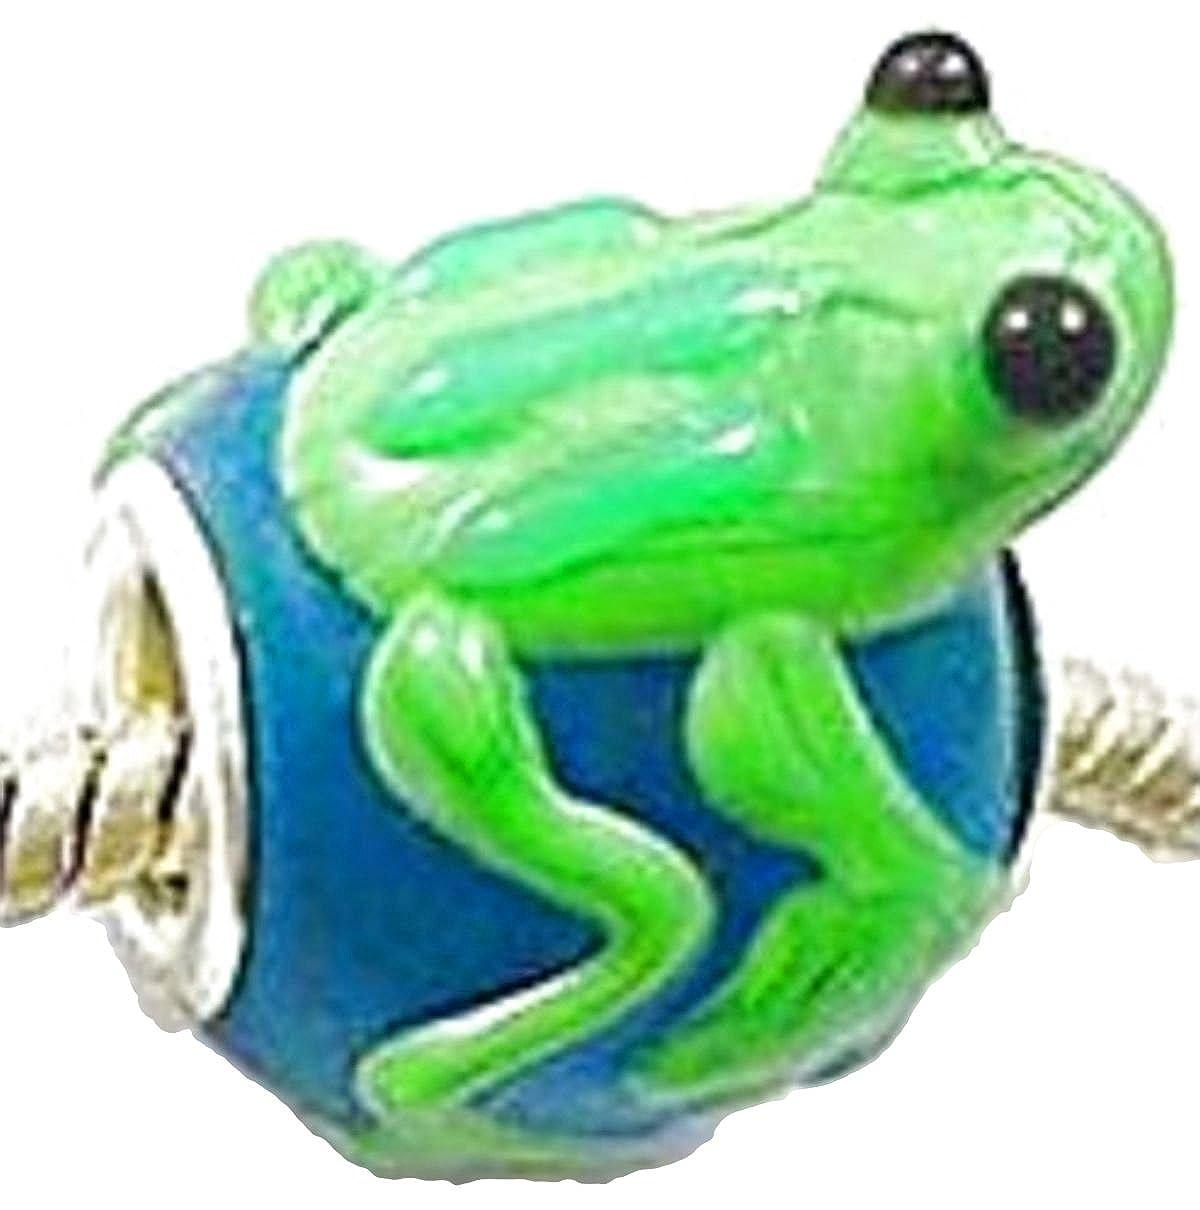 Perles de verre Charm Buddy faite /à la main pour bracelets /à breloques filles femmes et enfants grenouille bleu-vert